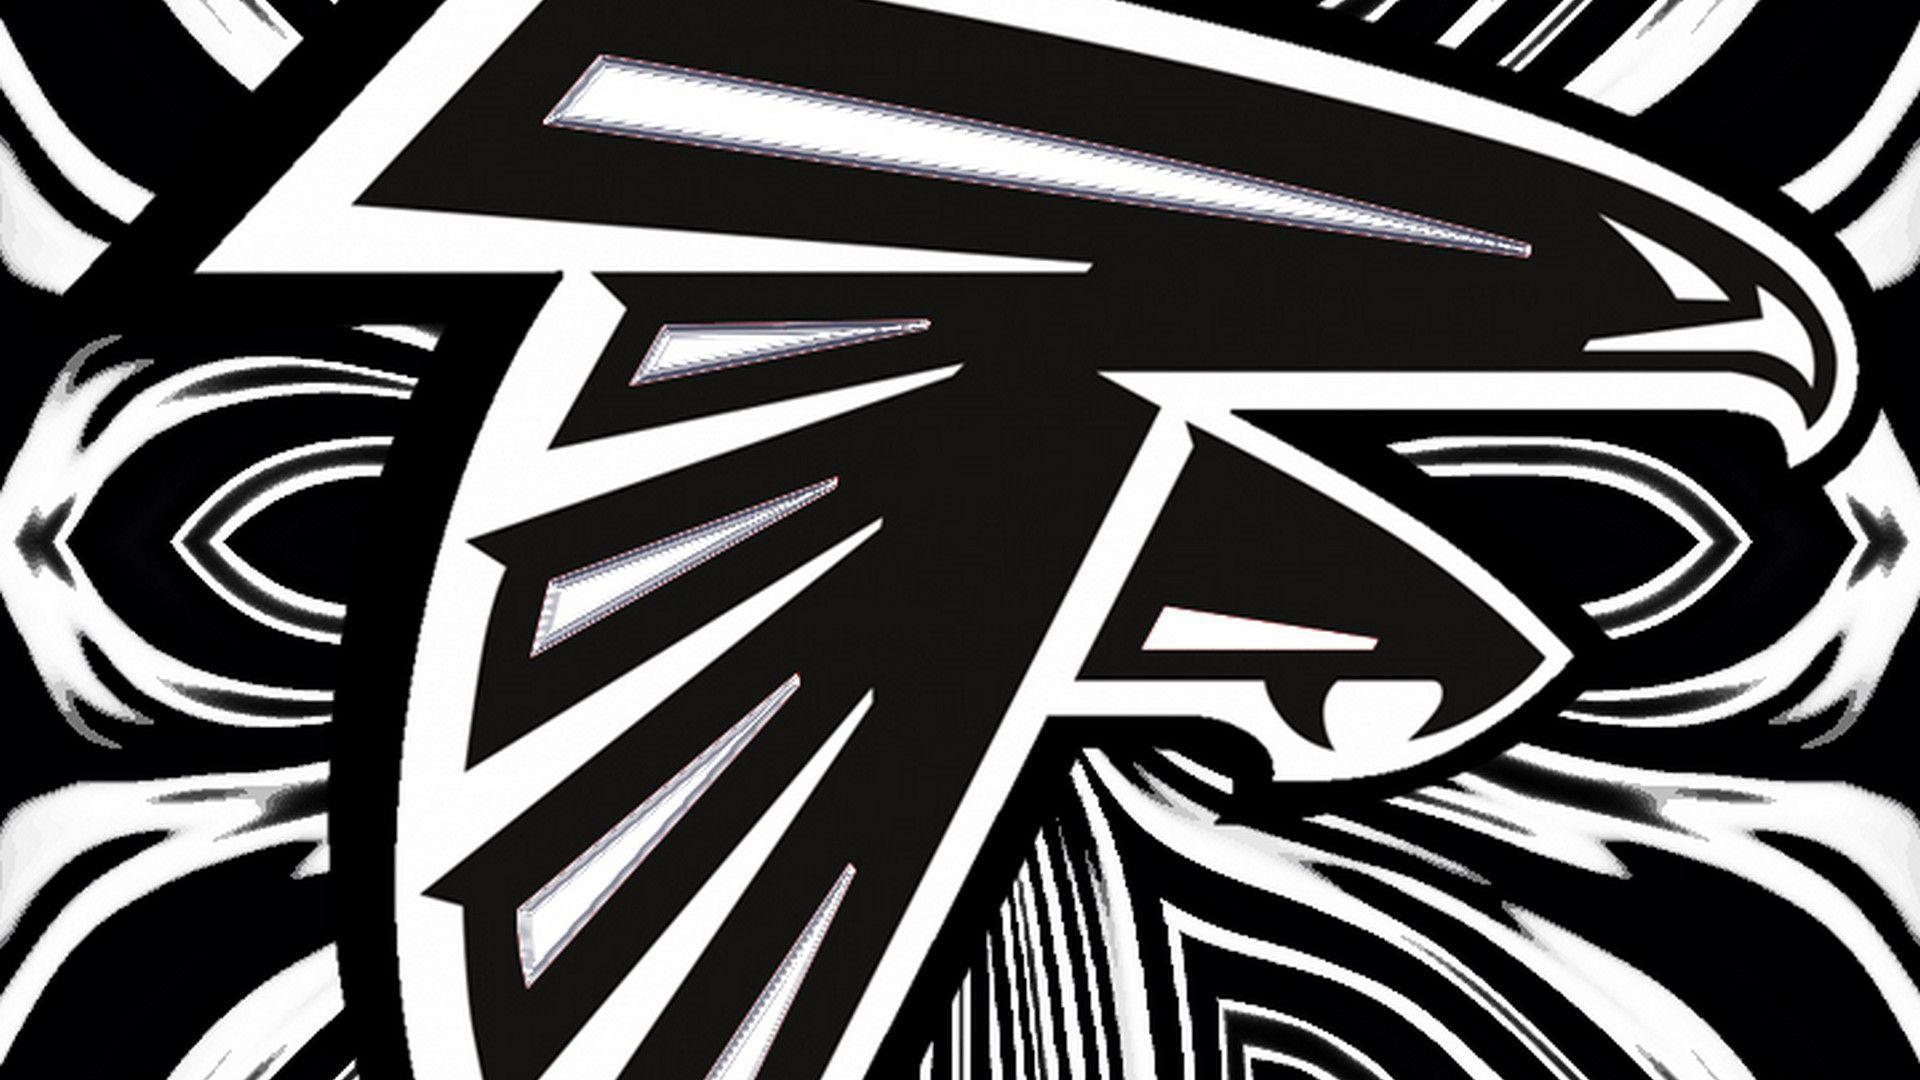 Atlanta Falcons 2019 Wallpapers - Wallpaper Cave